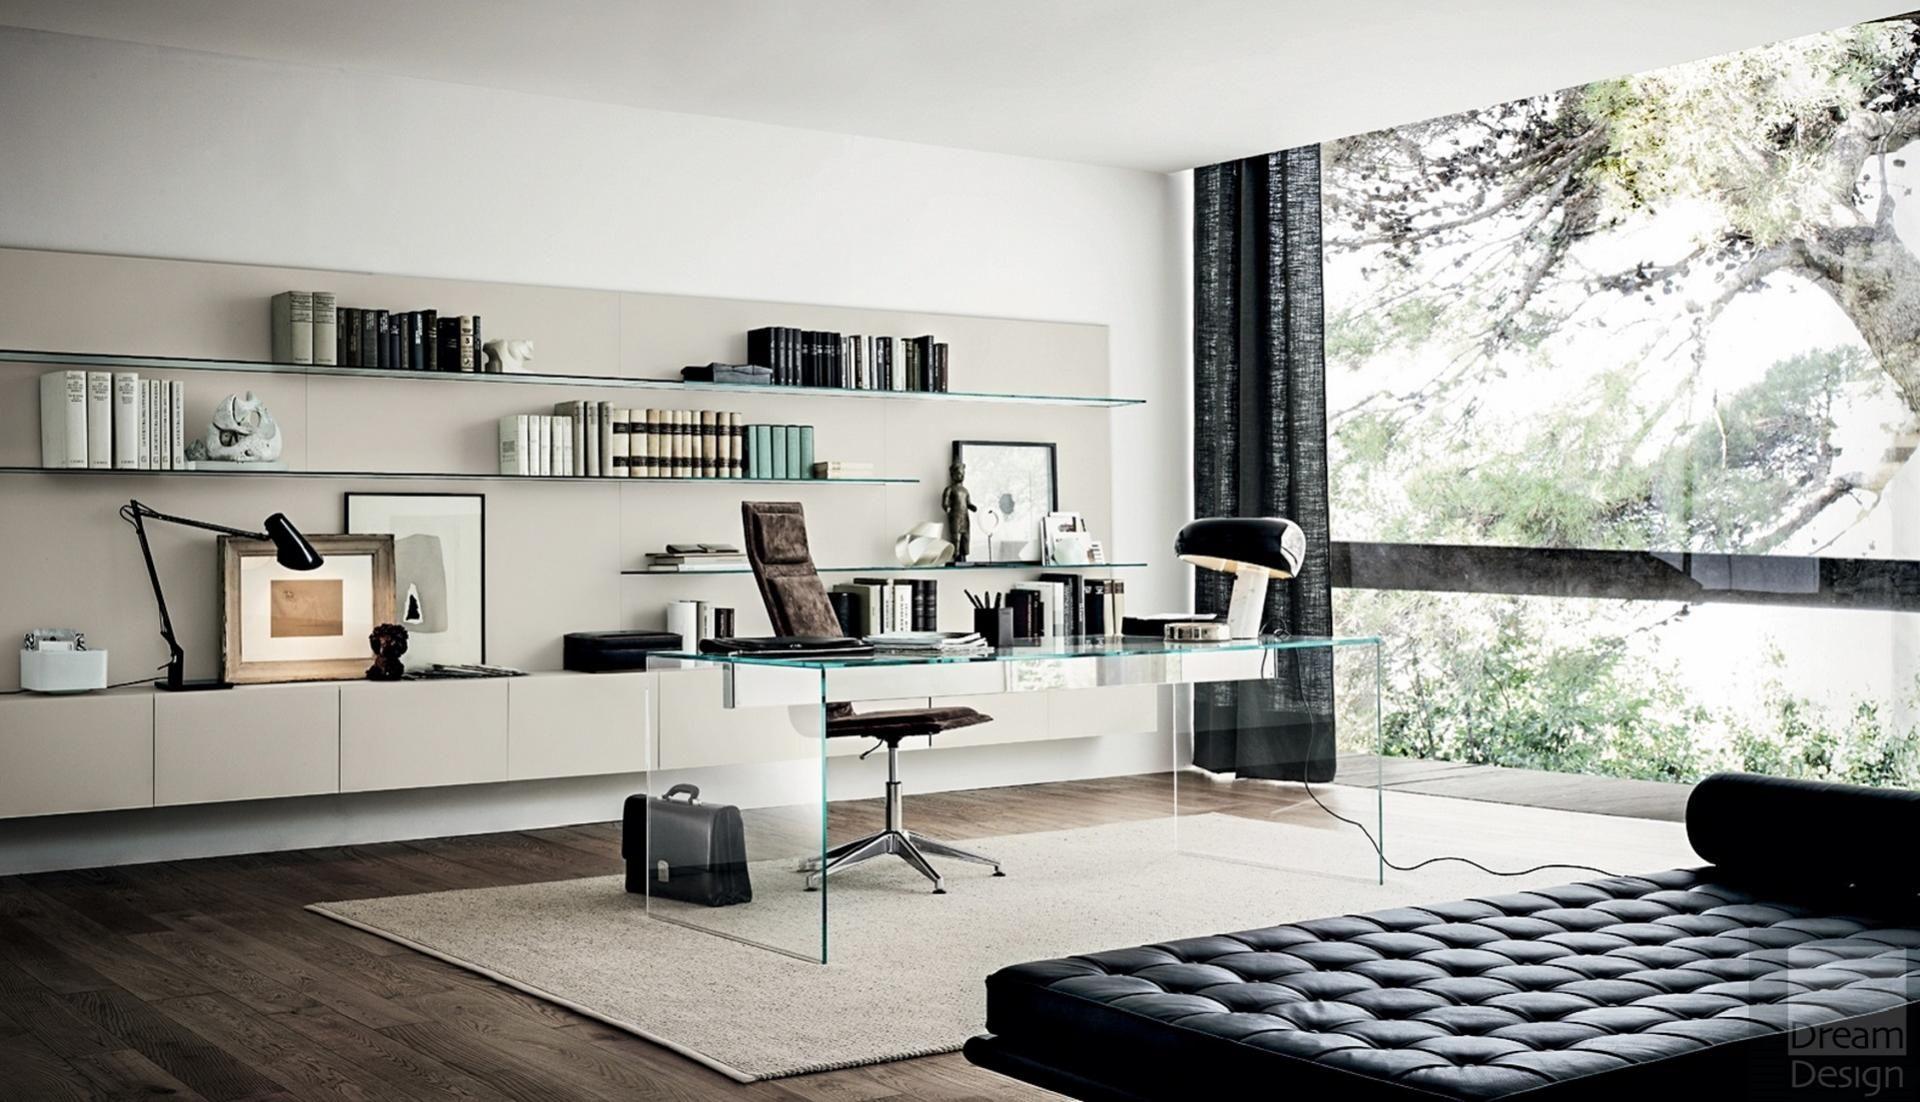 Gallotti U0026 Radice Air Desk #1 · Büro Built InsIntegrierter SchreibtischDesign  ...